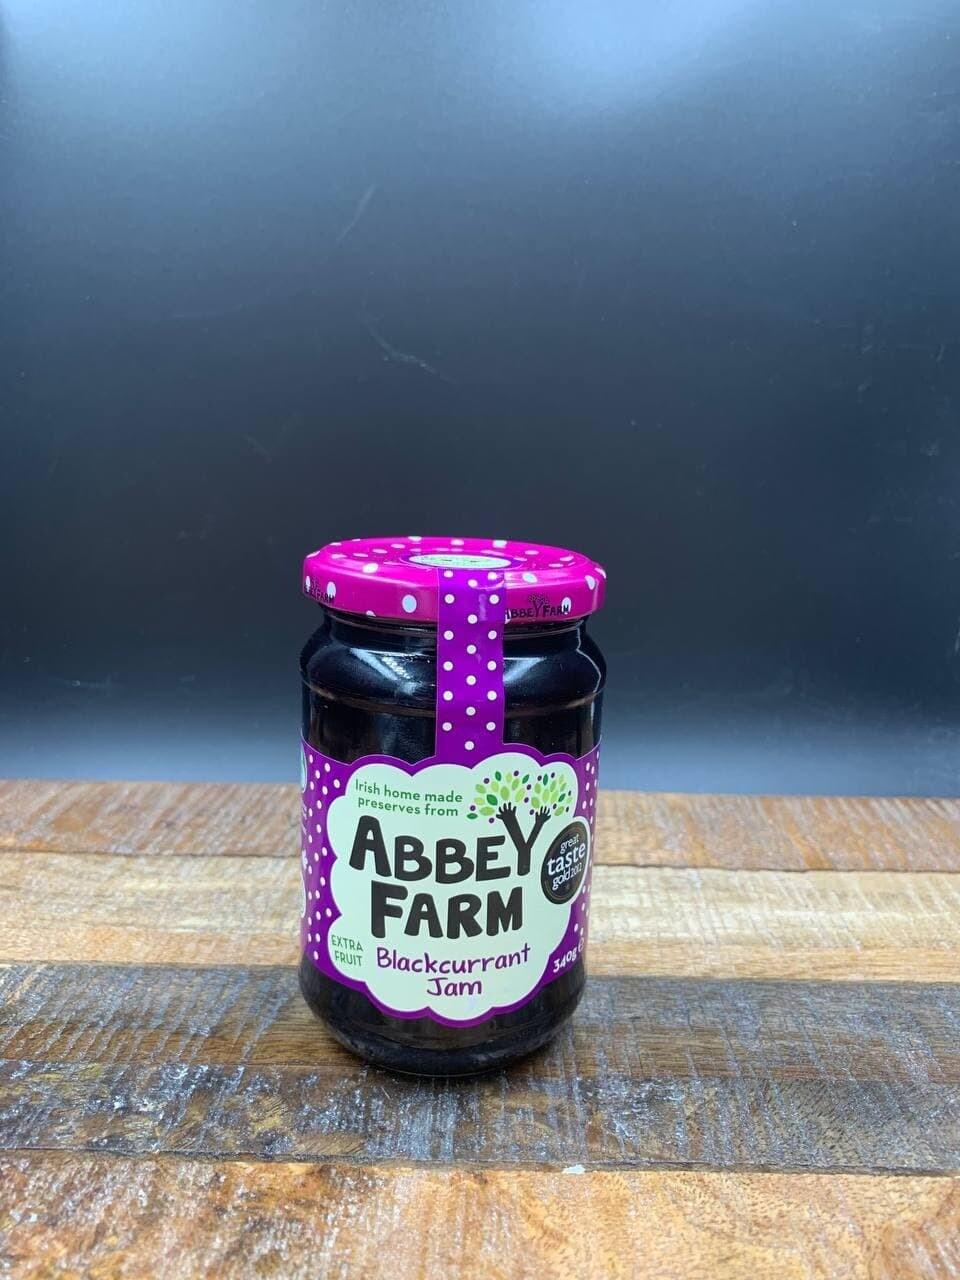 Abbey Farm Blackcurrant Jam 340g